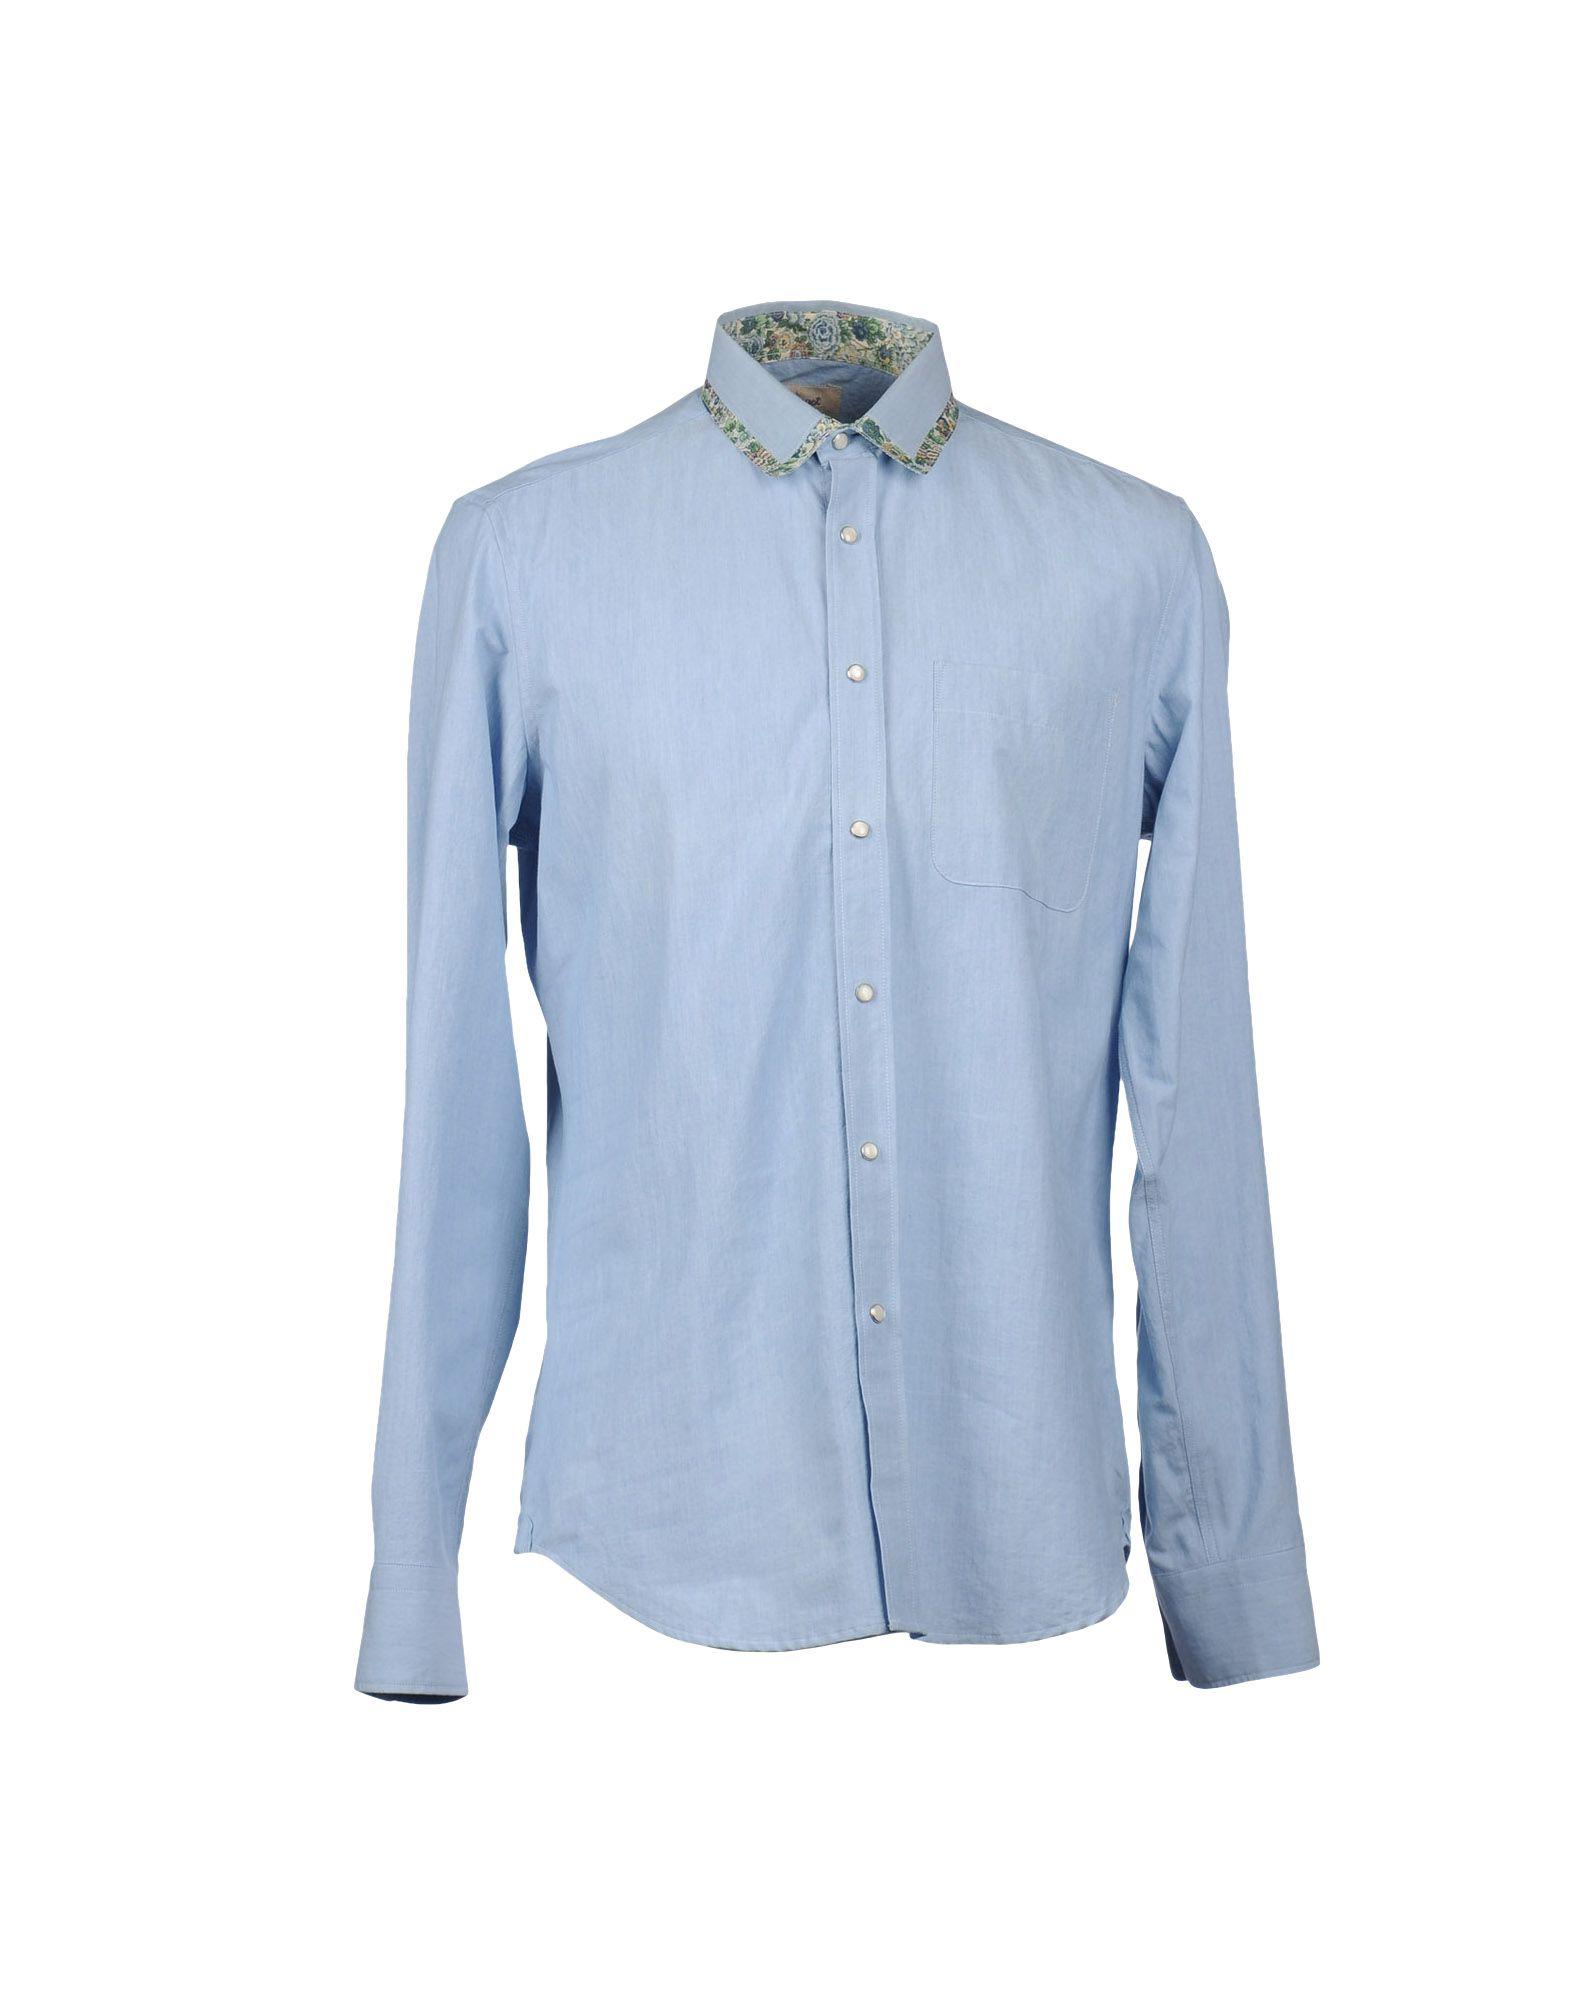 купить COAST WEBER & AHAUS Рубашка с длинными рукавами по цене 3550 рублей